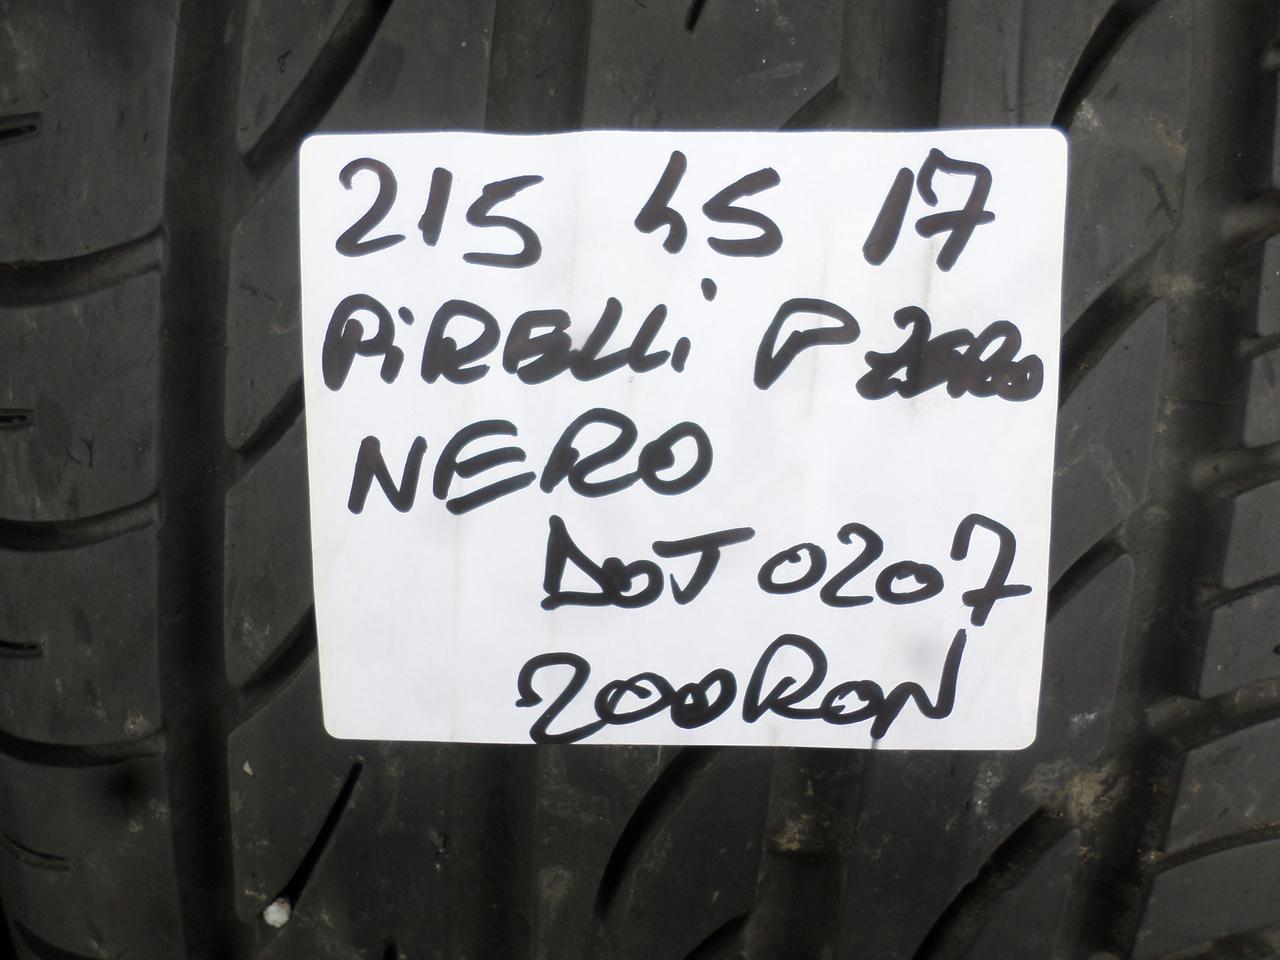 215 45 17 Vara Pirelli